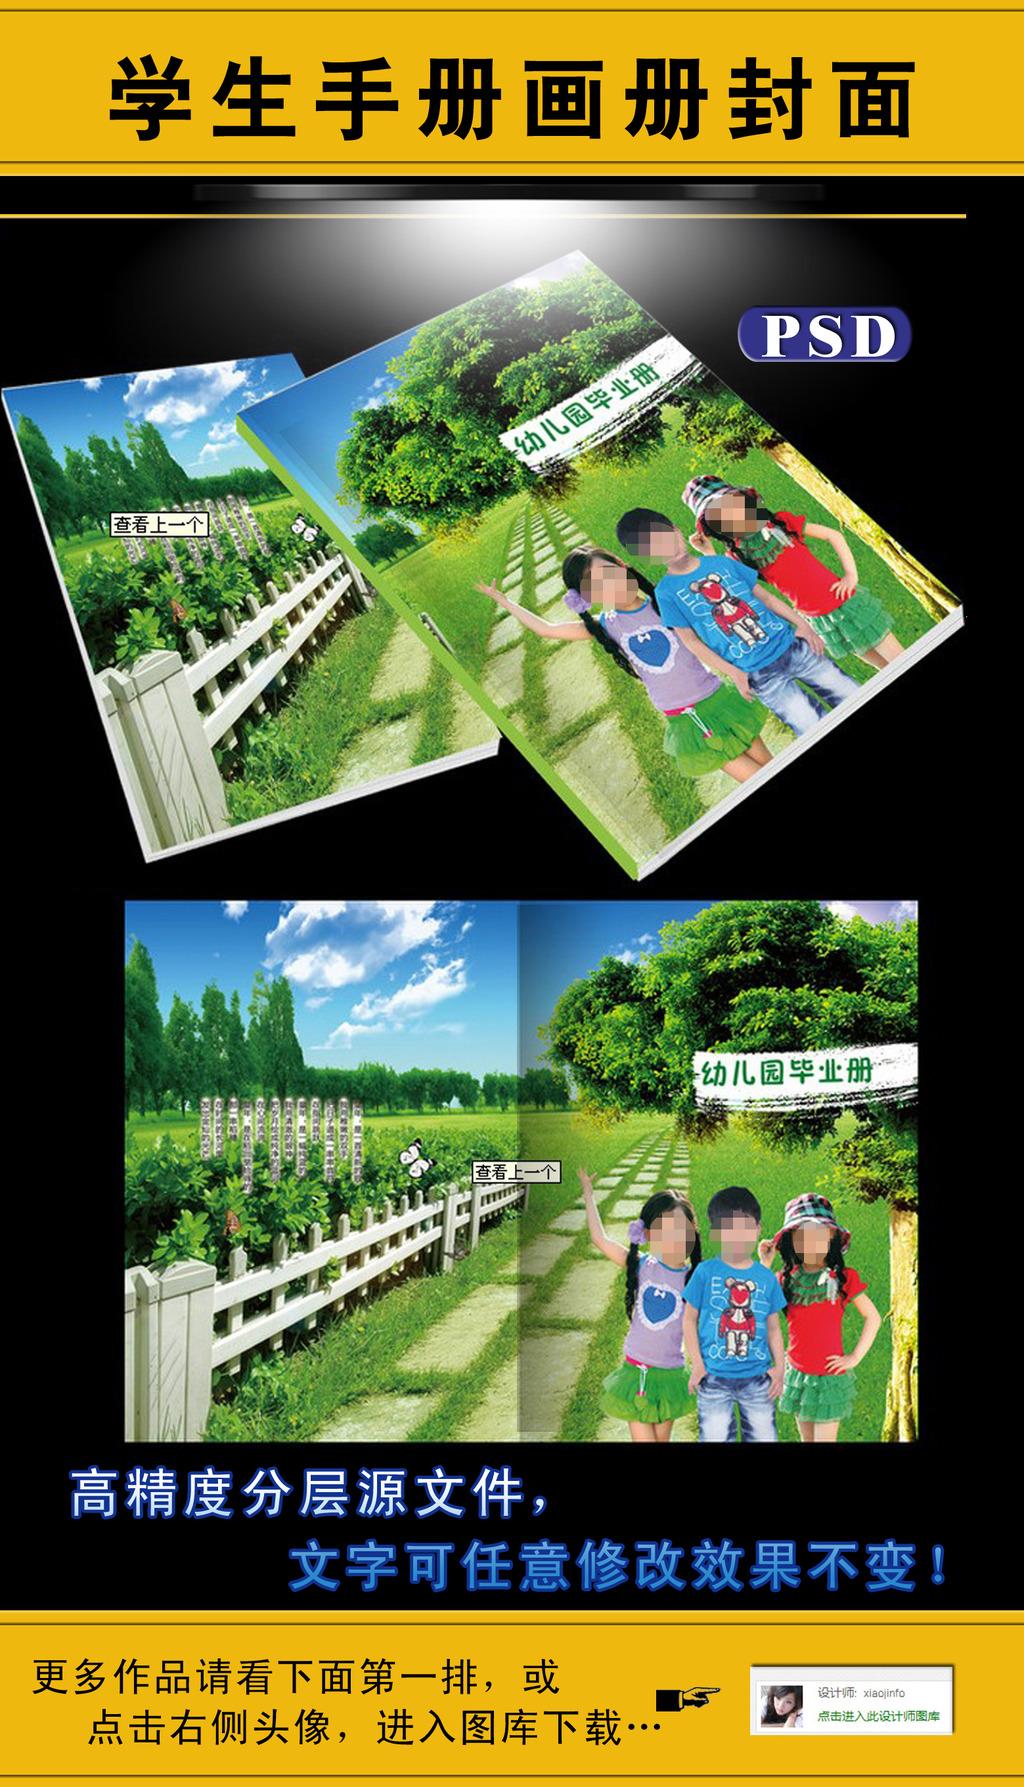 小学教育画册封面设计模板下载 小学教育画册封面设计图片下载 小学